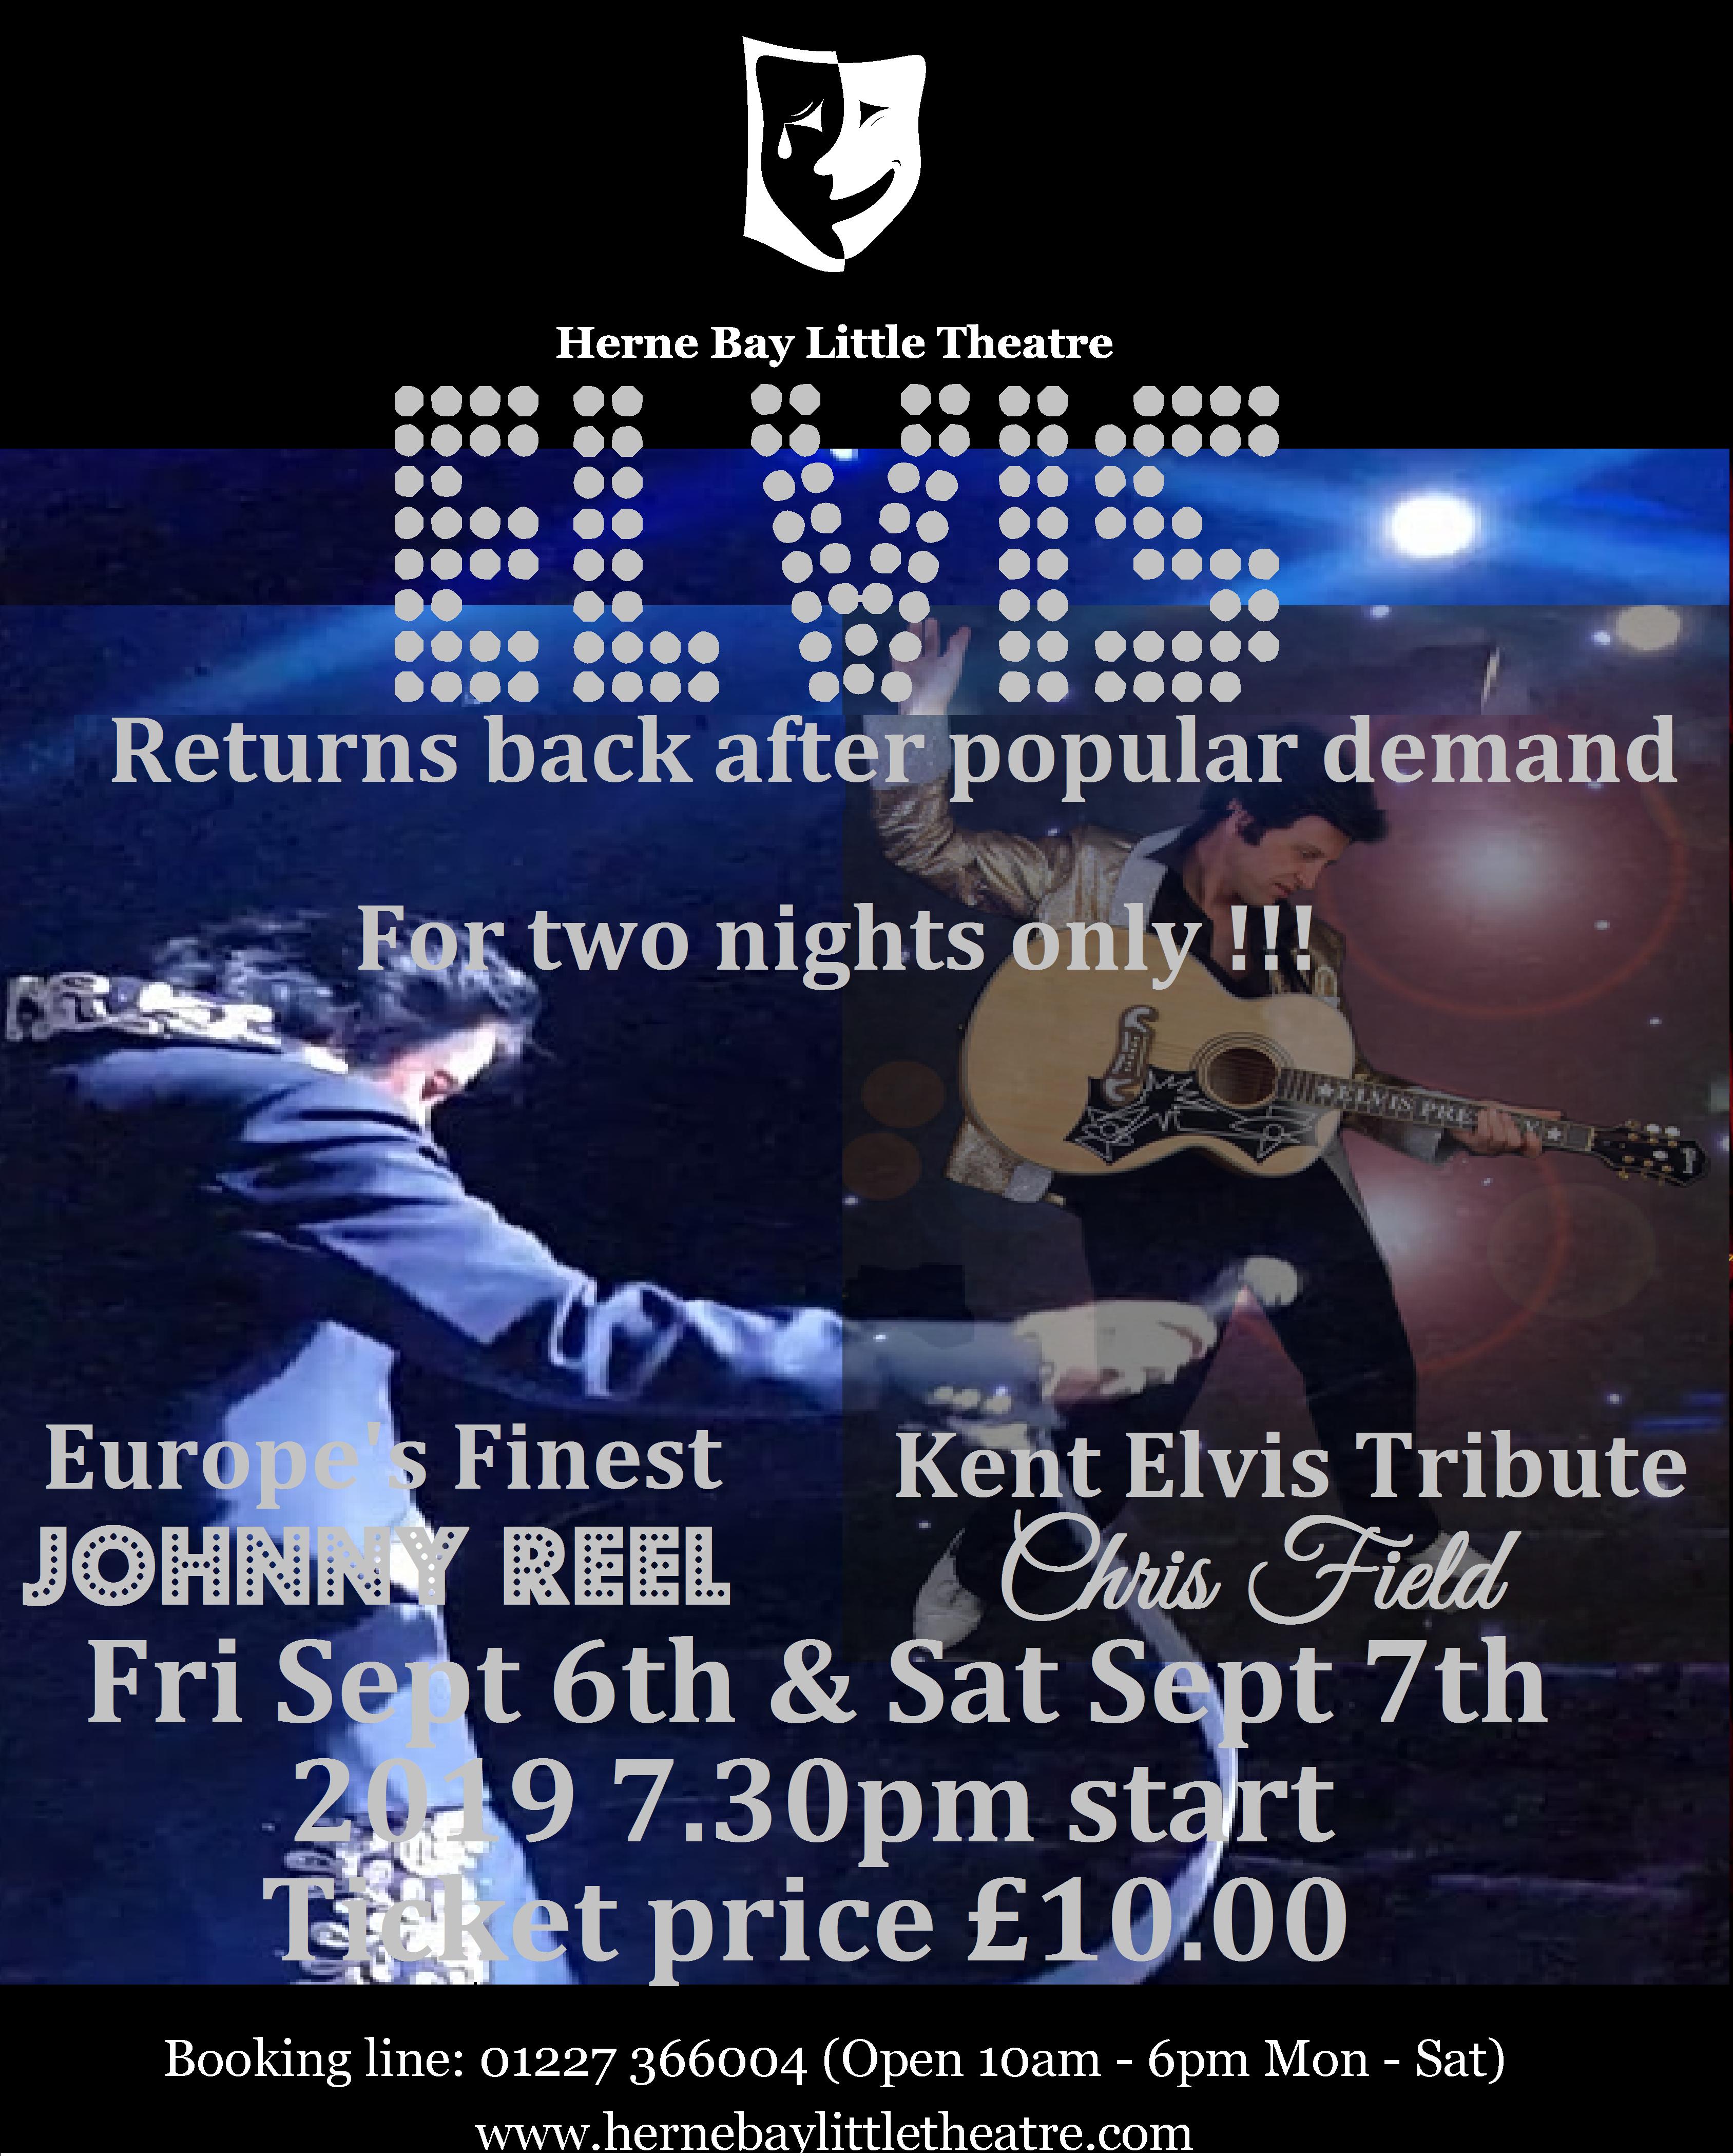 Elvis Tribute show in kent